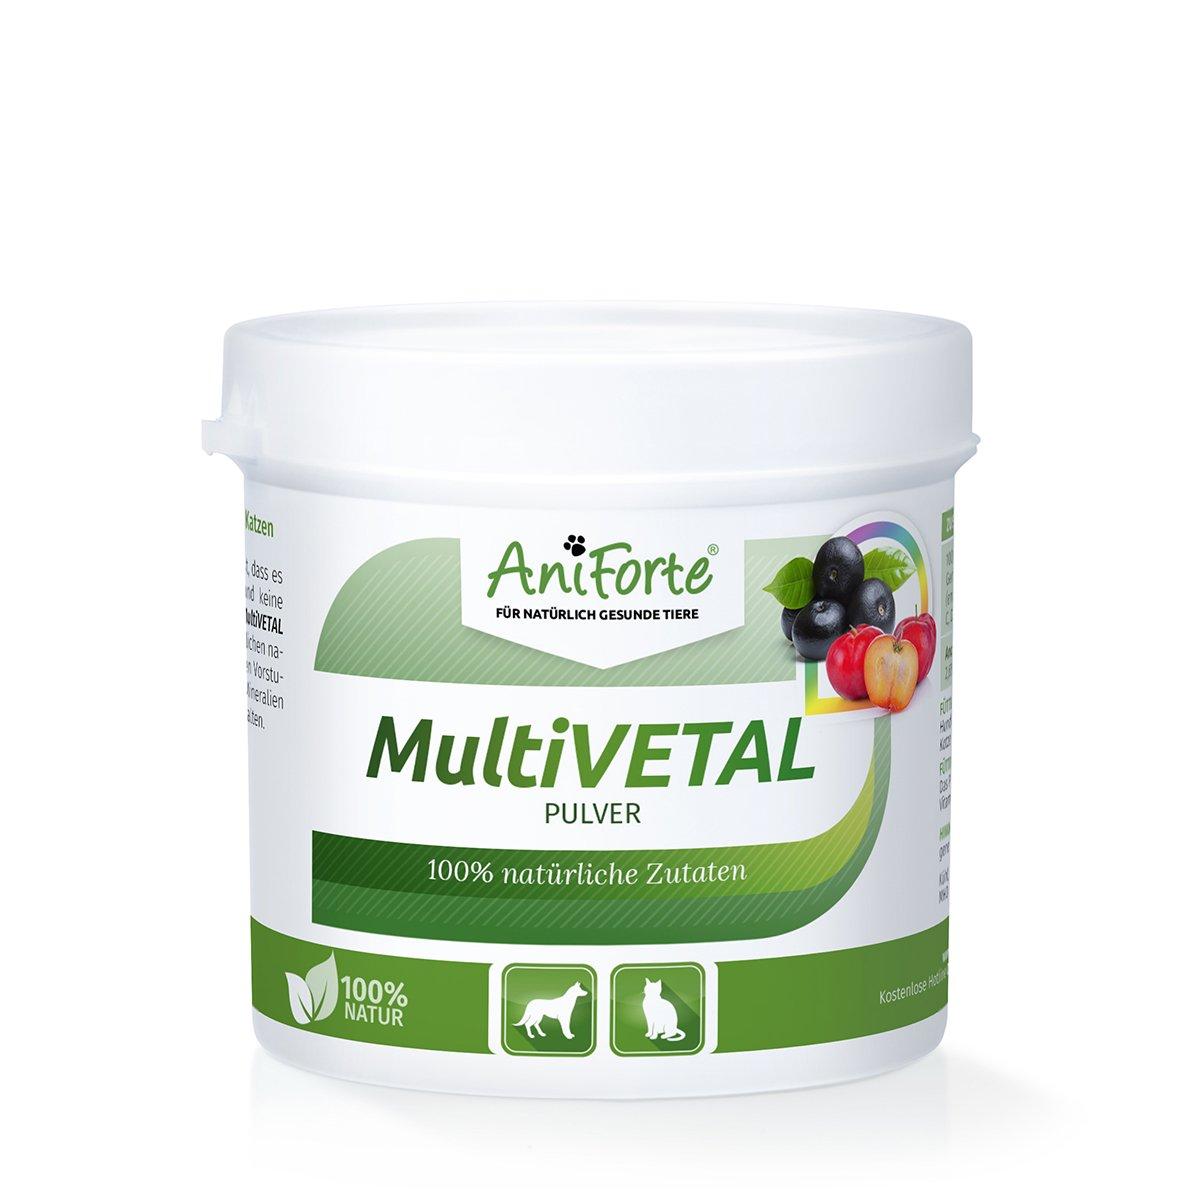 AniForte Poudre de multive Vallée Poudre 100g–Vitamine Multi Naturelle avec Acérola & Acai–Produit Naturel pour Chiens & Chats Görges Naturprodukte GmbH